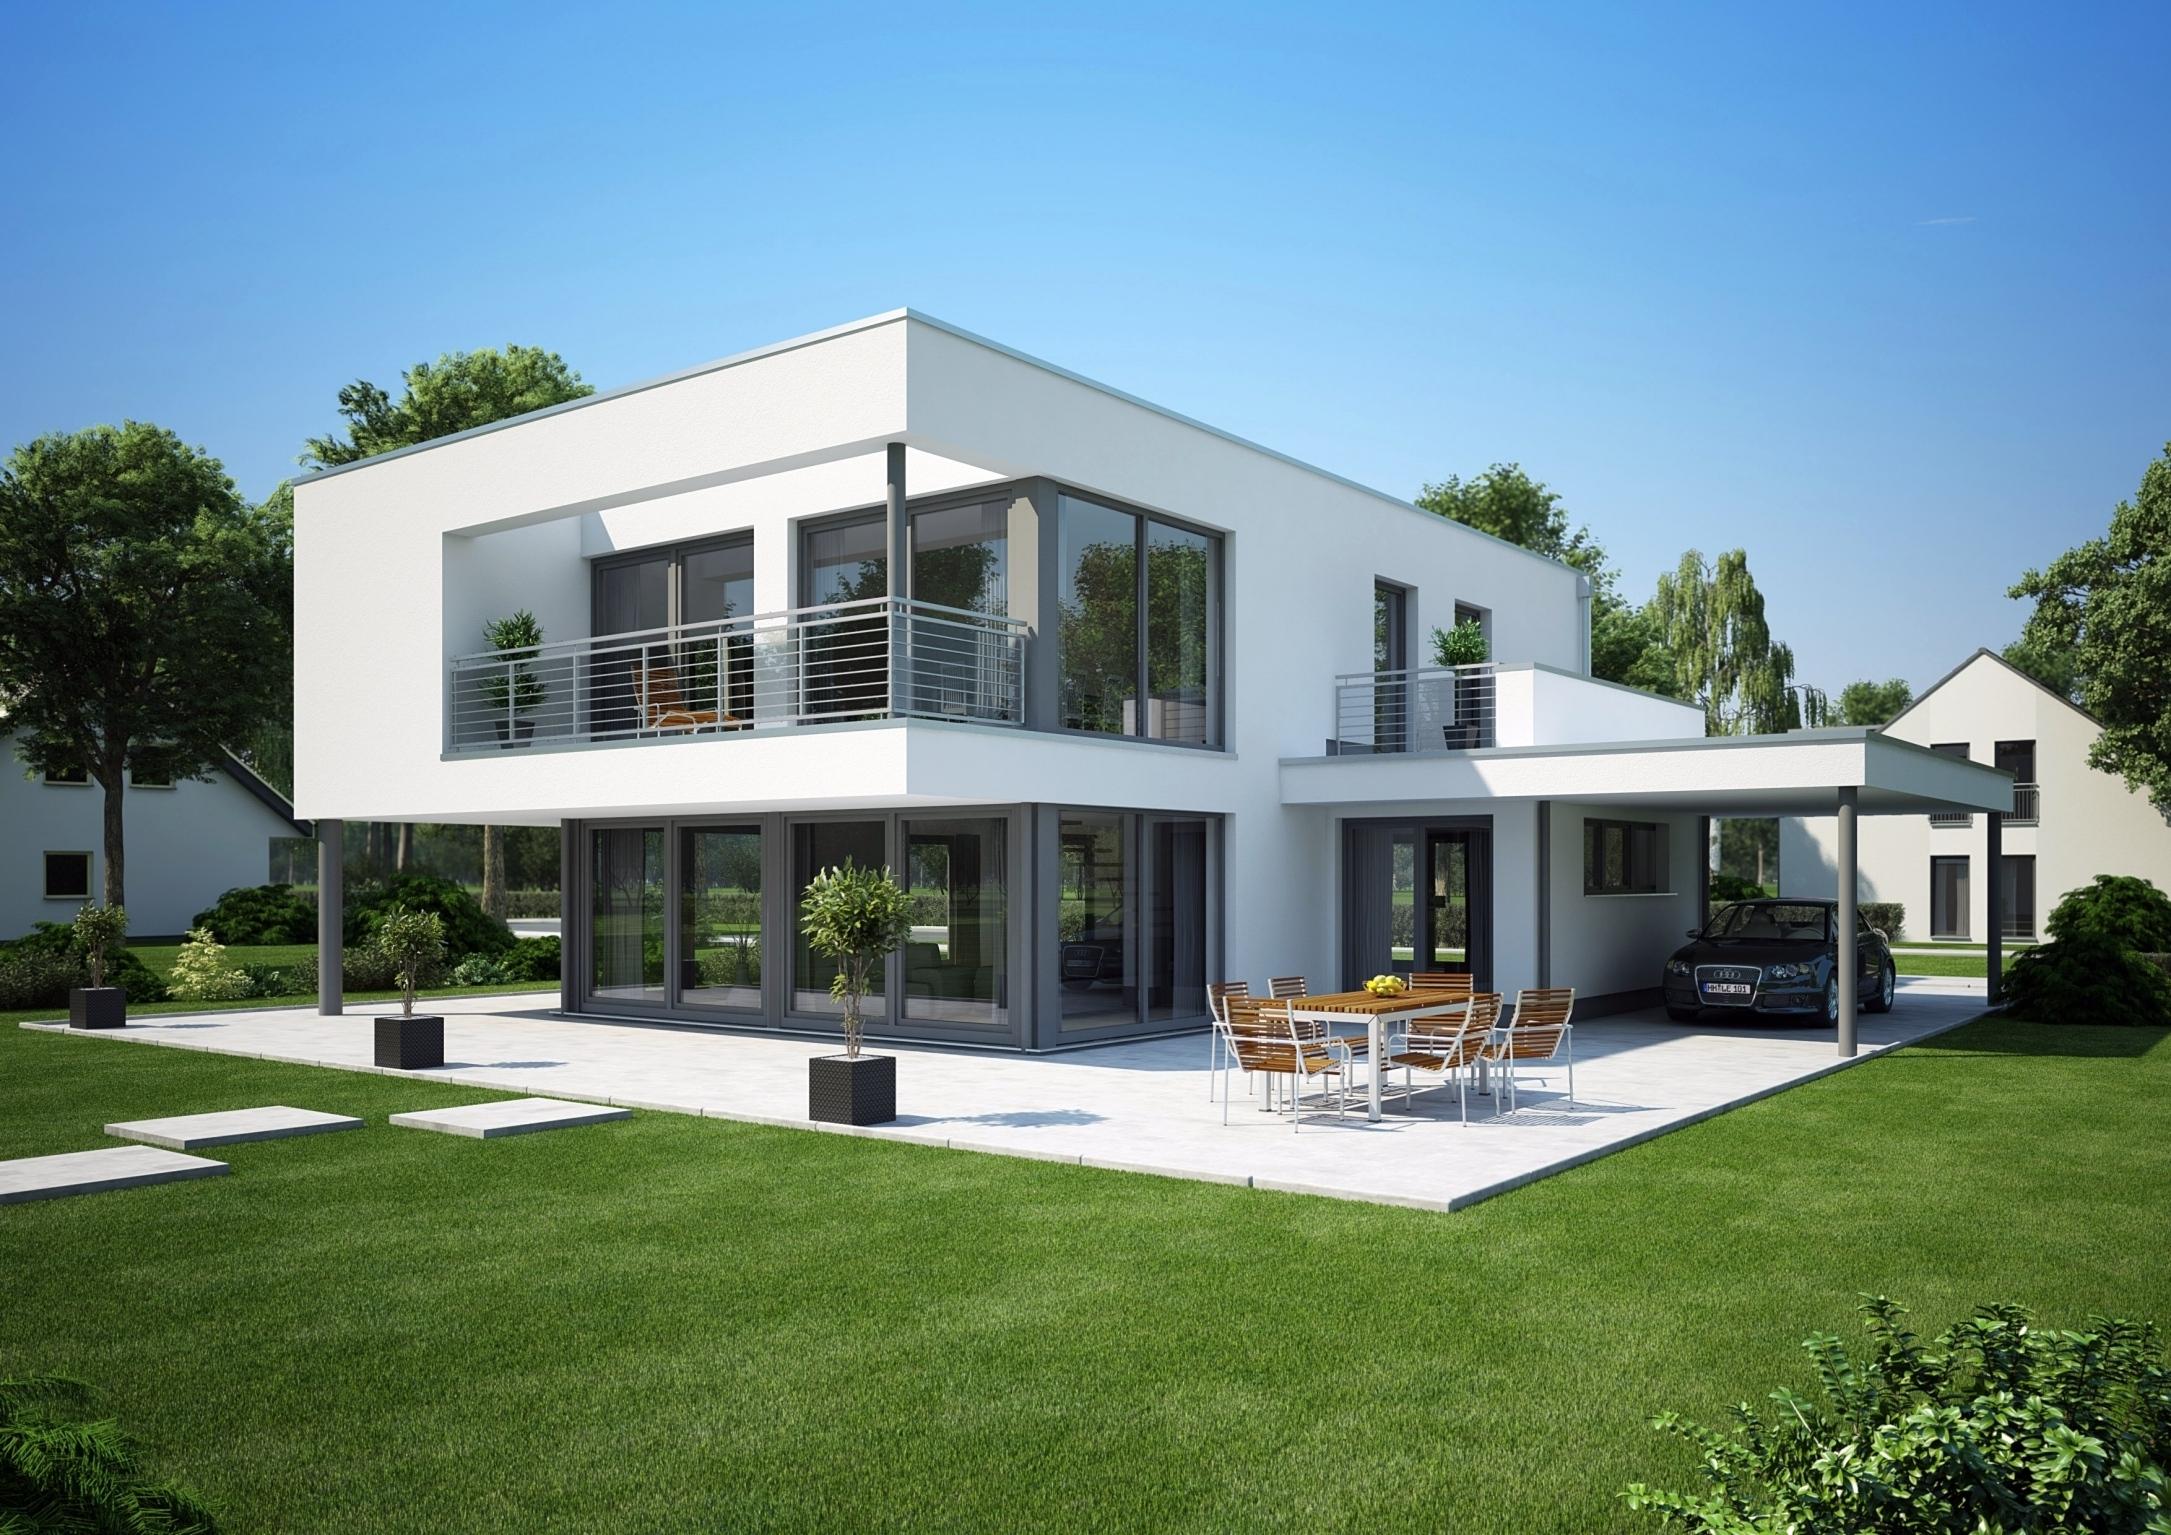 kosten dachterrasse flachdach das einfamilienhaus architektenh user. Black Bedroom Furniture Sets. Home Design Ideas